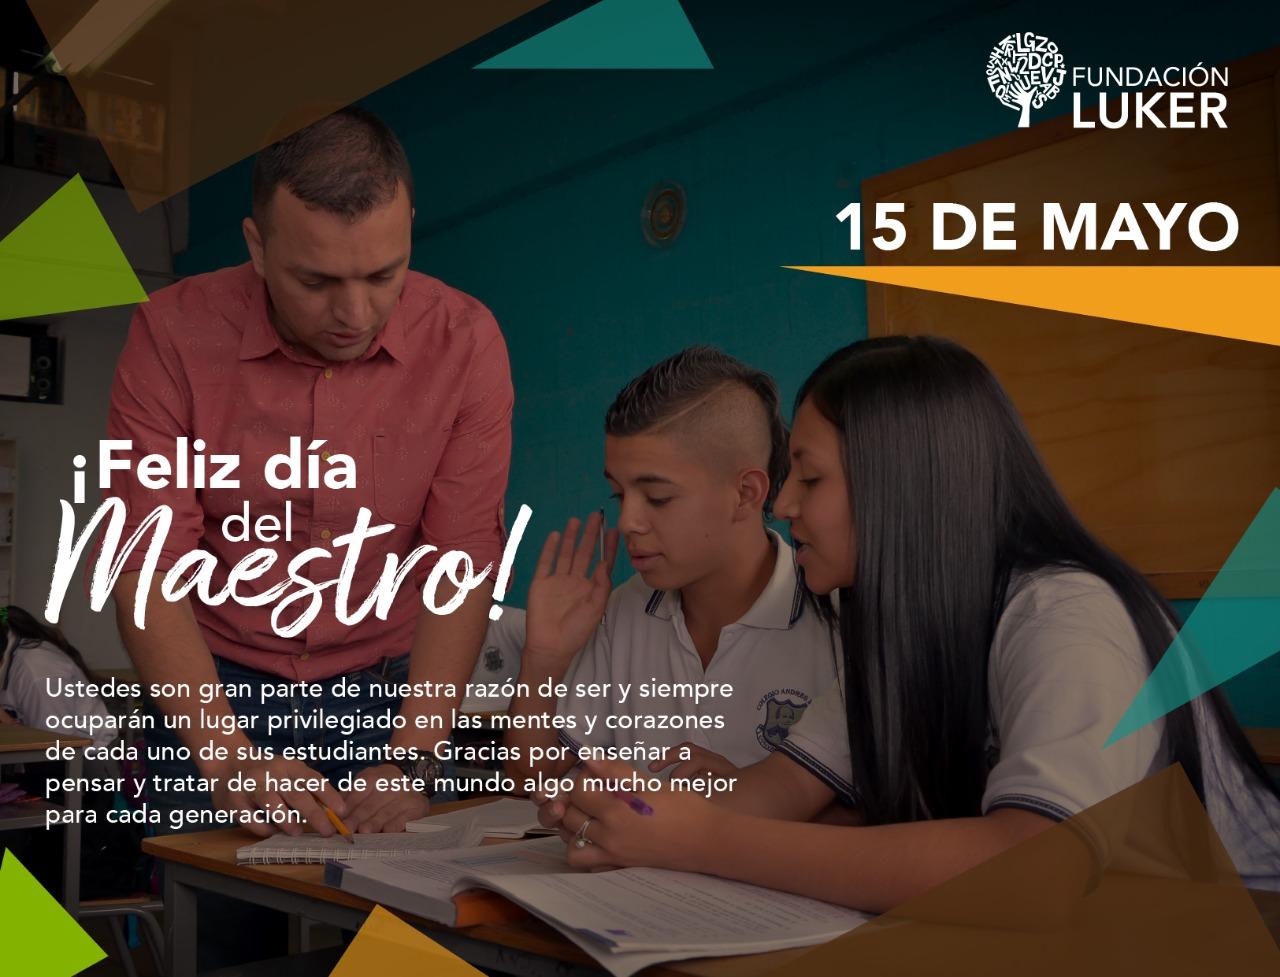 Feliz día del Maestro. 15 de mayo Fundación Luker